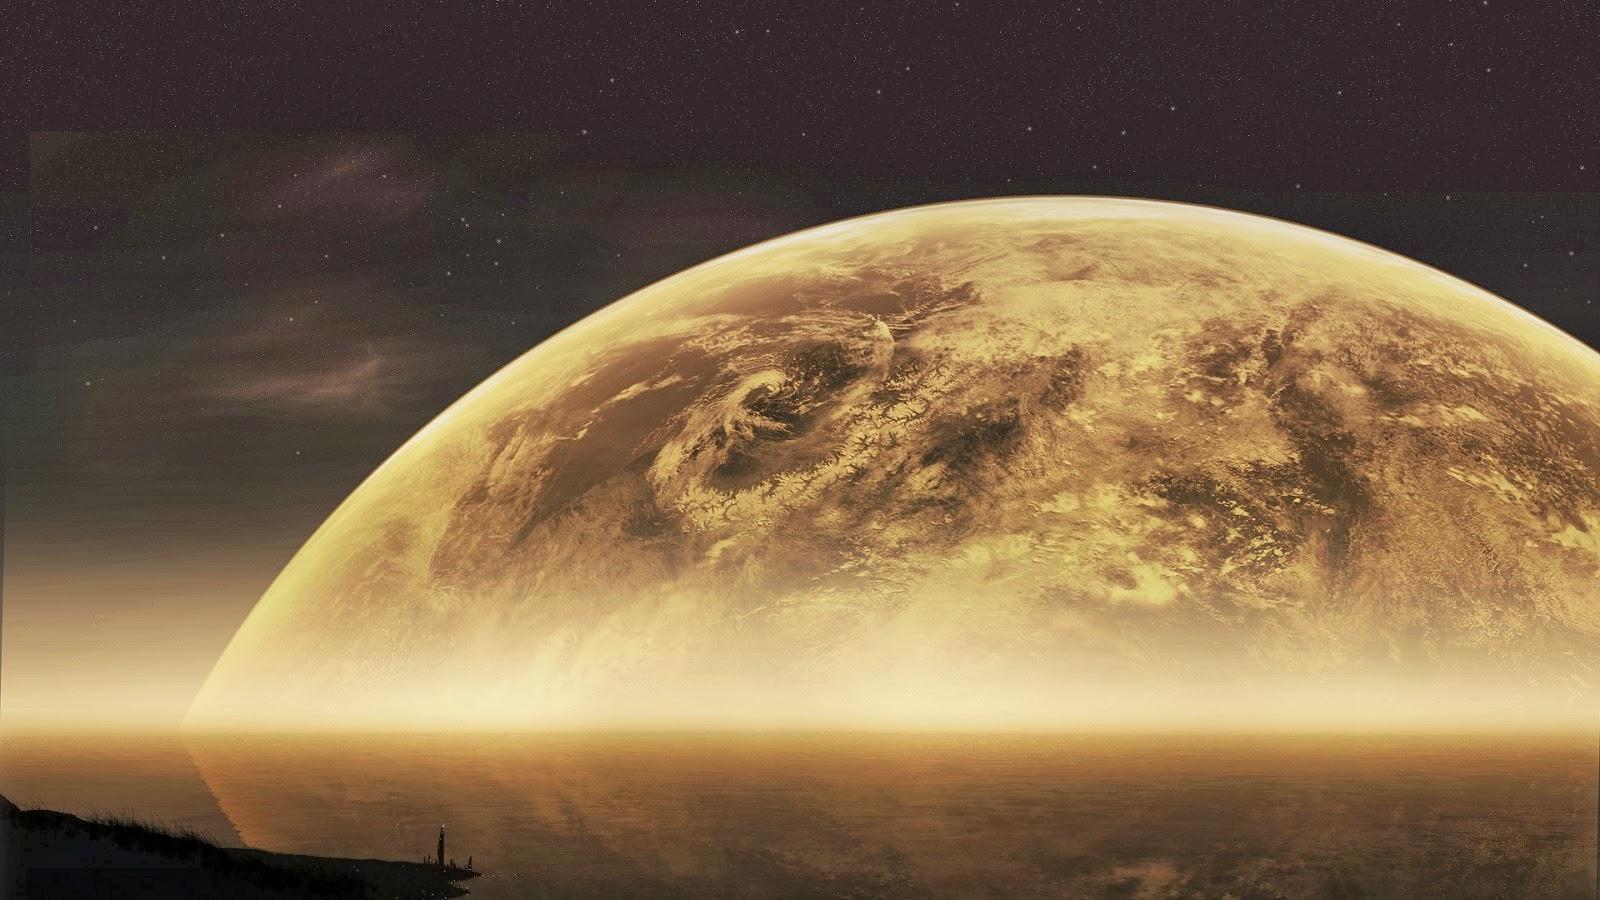 بالصور صور قمر , اجمل خلفيات للقمر 922 3